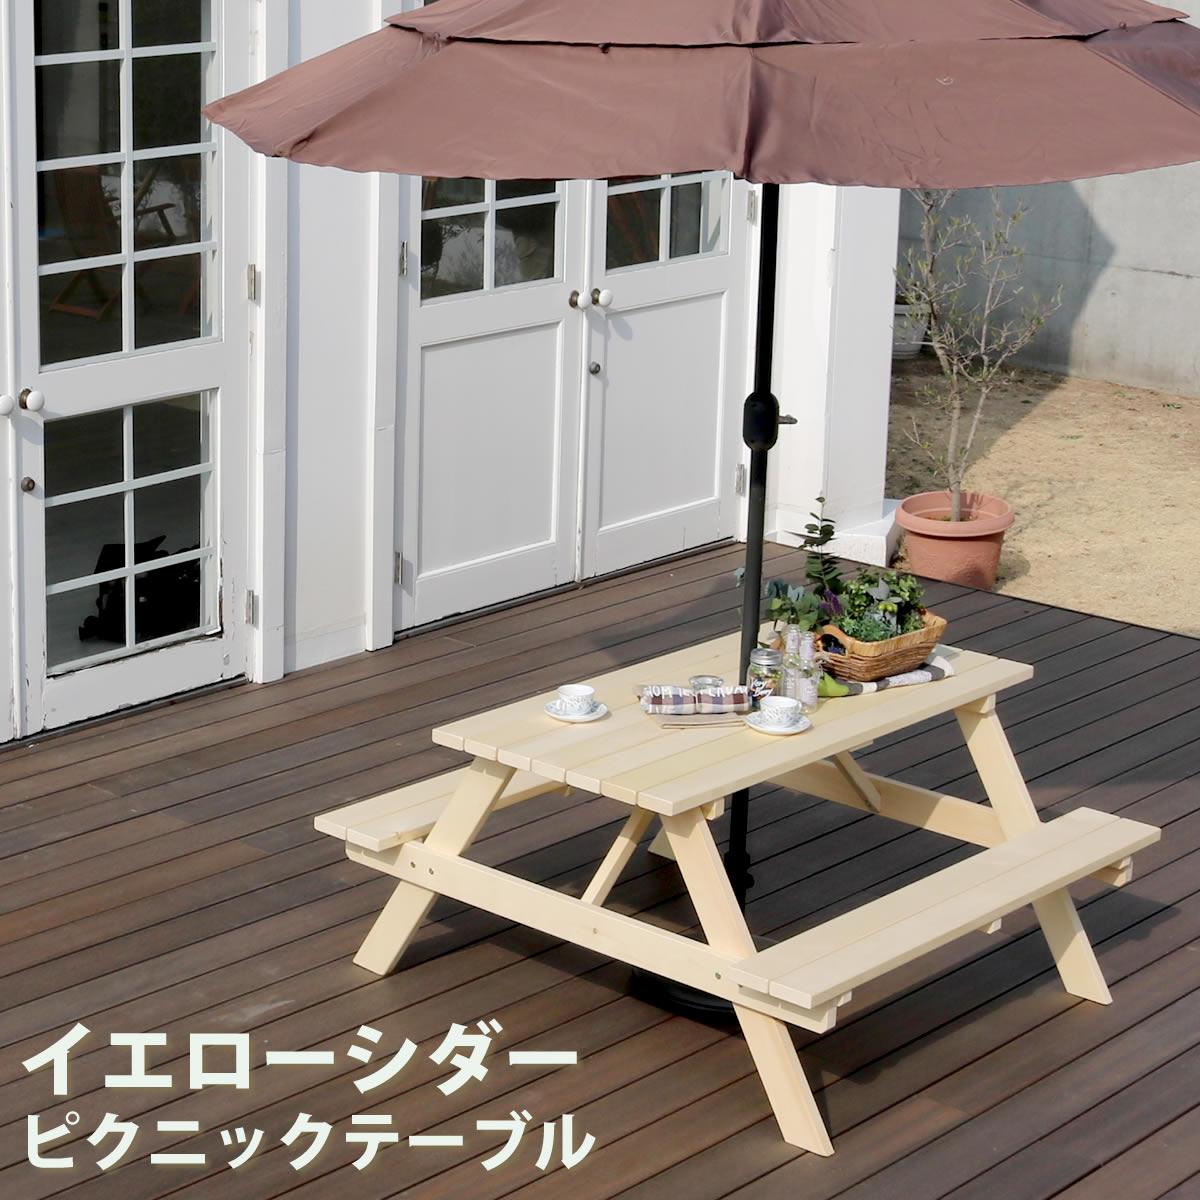 イエローシダーピクニックテーブル 簡単組立 天然木 木製 ガーデンテーブル パラソル穴 庭 公園 カフェ ホテル ペンション キャンプ場 バーベキュー ビアガーデン ガーデン